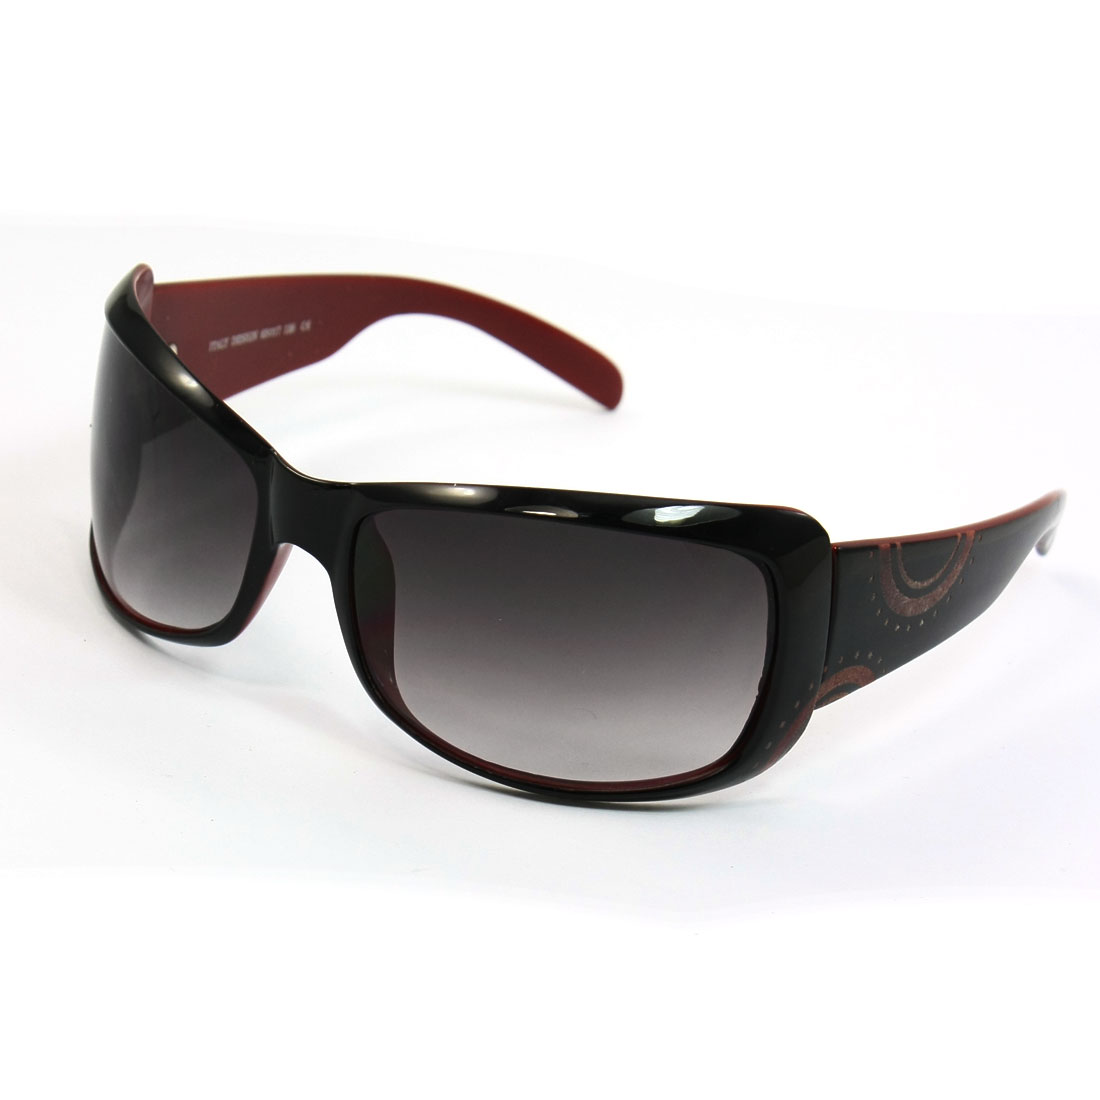 Black Burgundy Plastic Full Frame Rectangle Shaped Lens Sunglasses for Lady